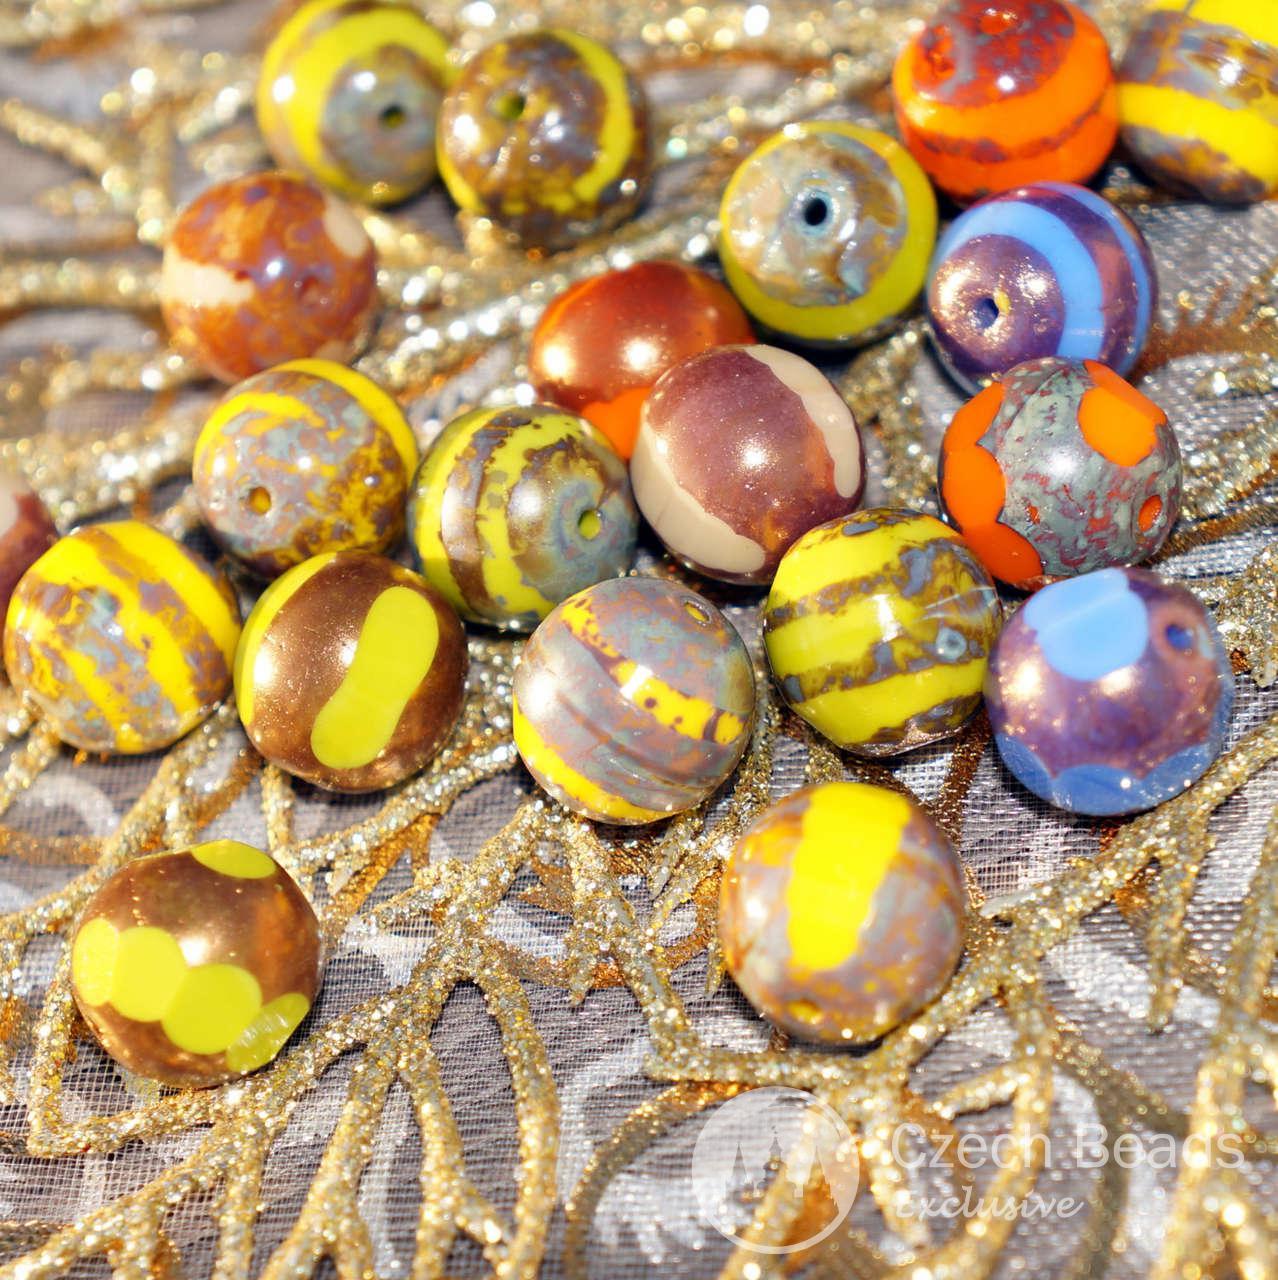 Mix Multicolore Al Taglio ceca Picasso Sfaccettata, Perle di Taglio Centrale Picasso ceca microsfere di Vetro, Perline di Vetro ceco Picasso Perle 12mm 4pc per $ 2.31 da Czech Beads Exclusive